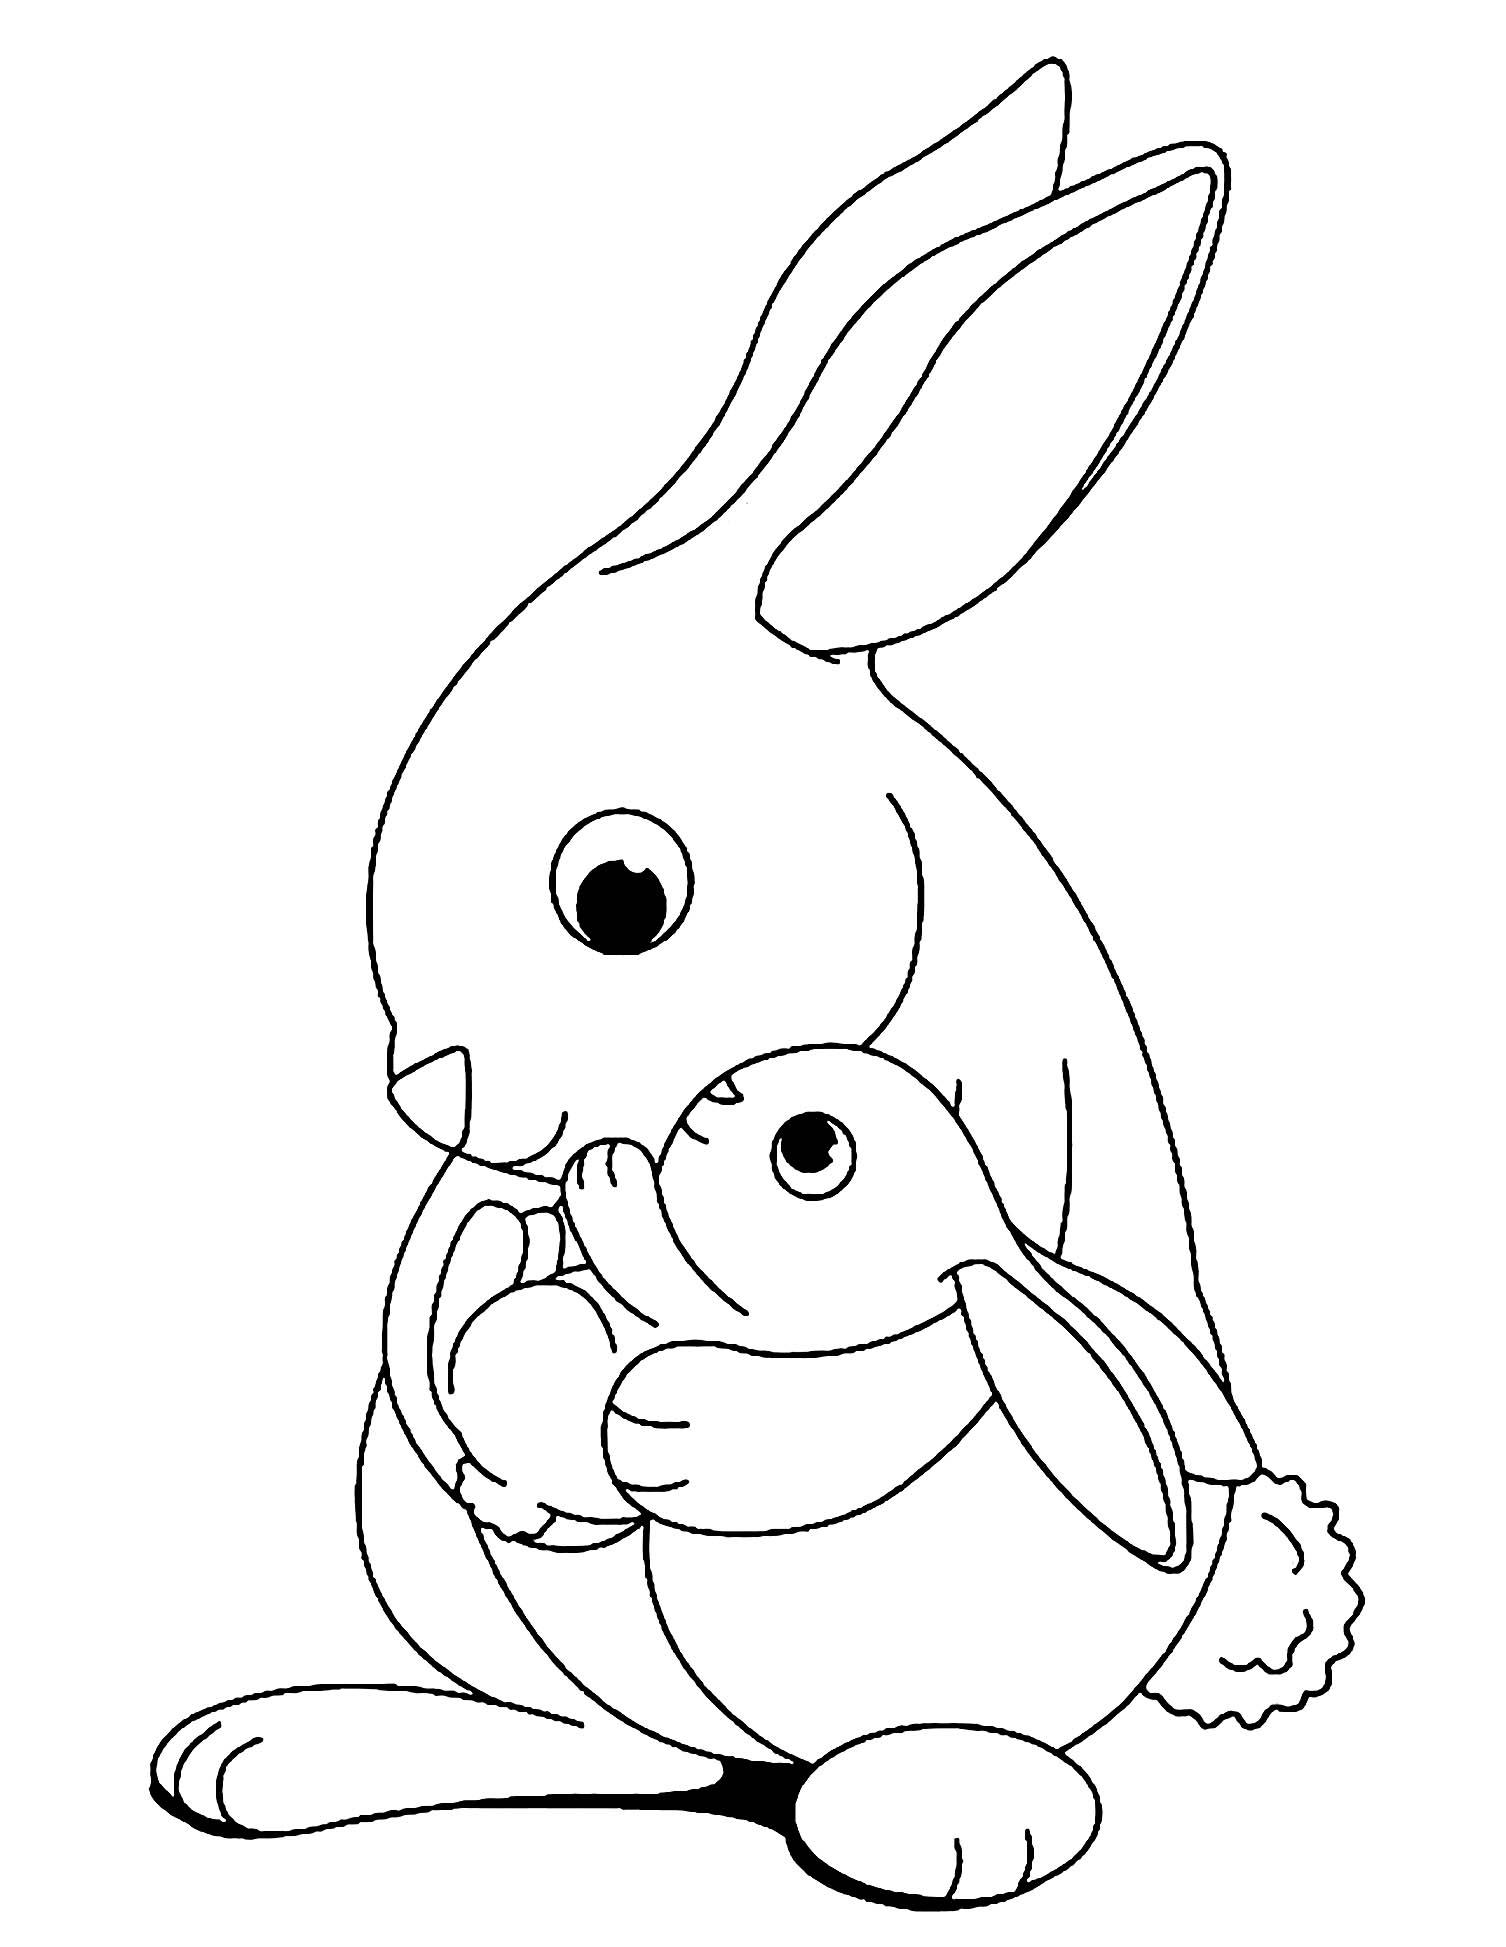 Préparez vos crayons et feutres pour colorier ce coloriage de lapin